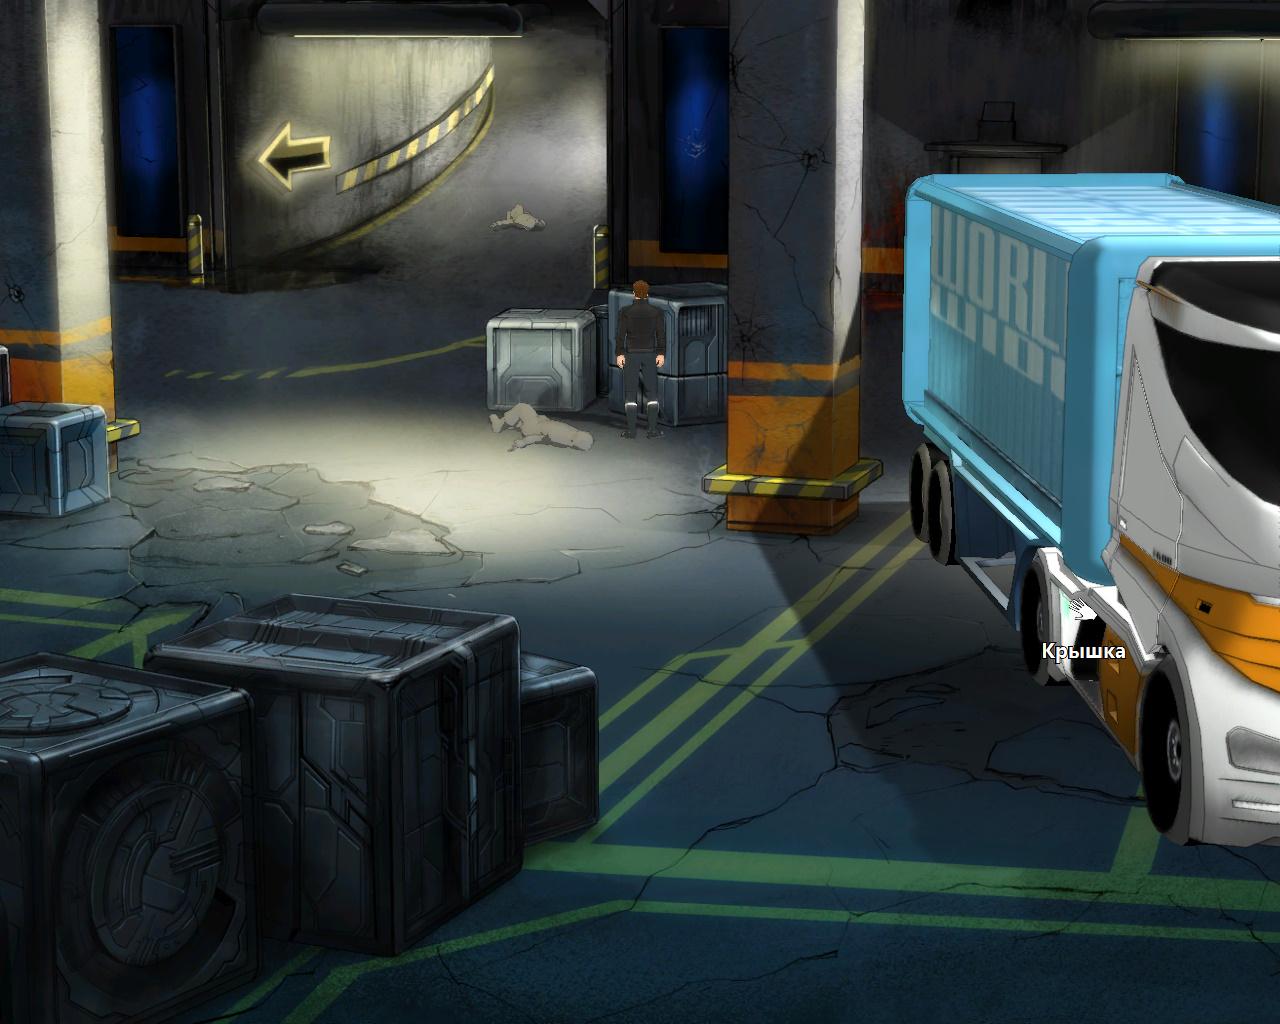 Goin' Downtown - ищите тайник в бензобаке грузовика (уровень 4)